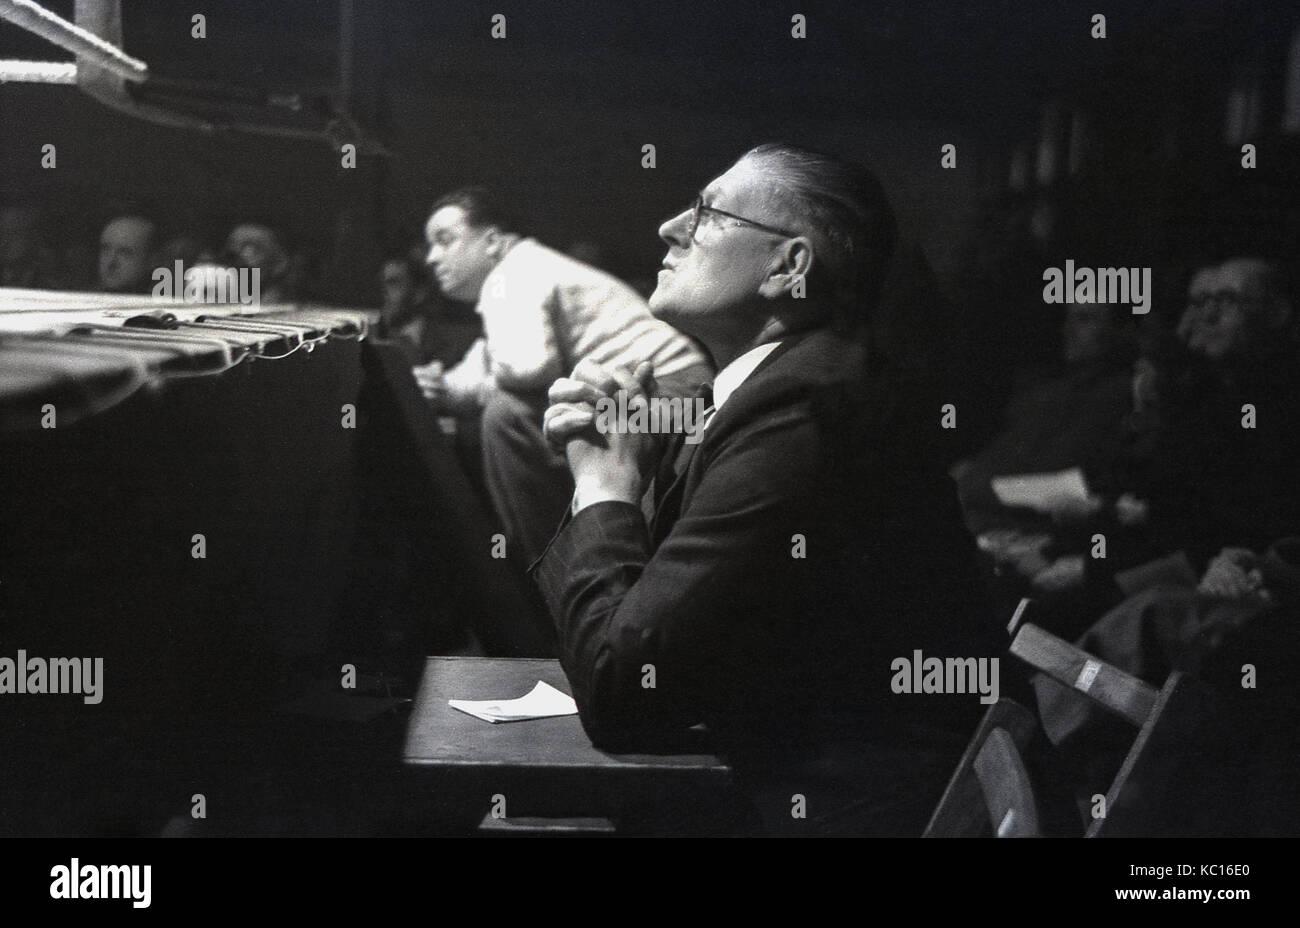 Anni sessanta, storico, giudice maschio siede ringside guardando l'azione ad un incontro di pugilato, Inghilterra, Immagini Stock